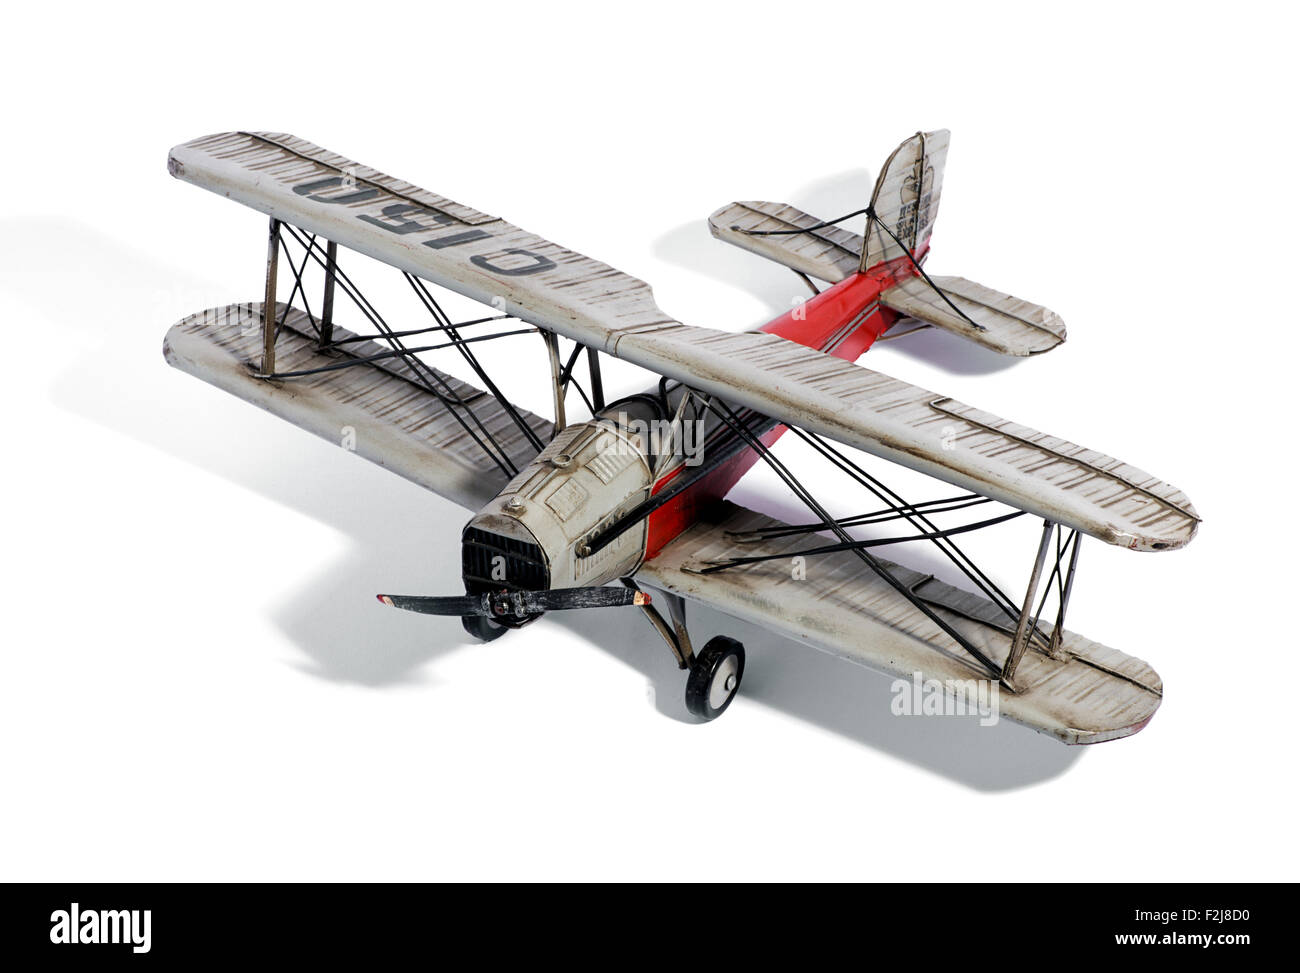 Modello in scala di un biplano vintage Immagini Stock